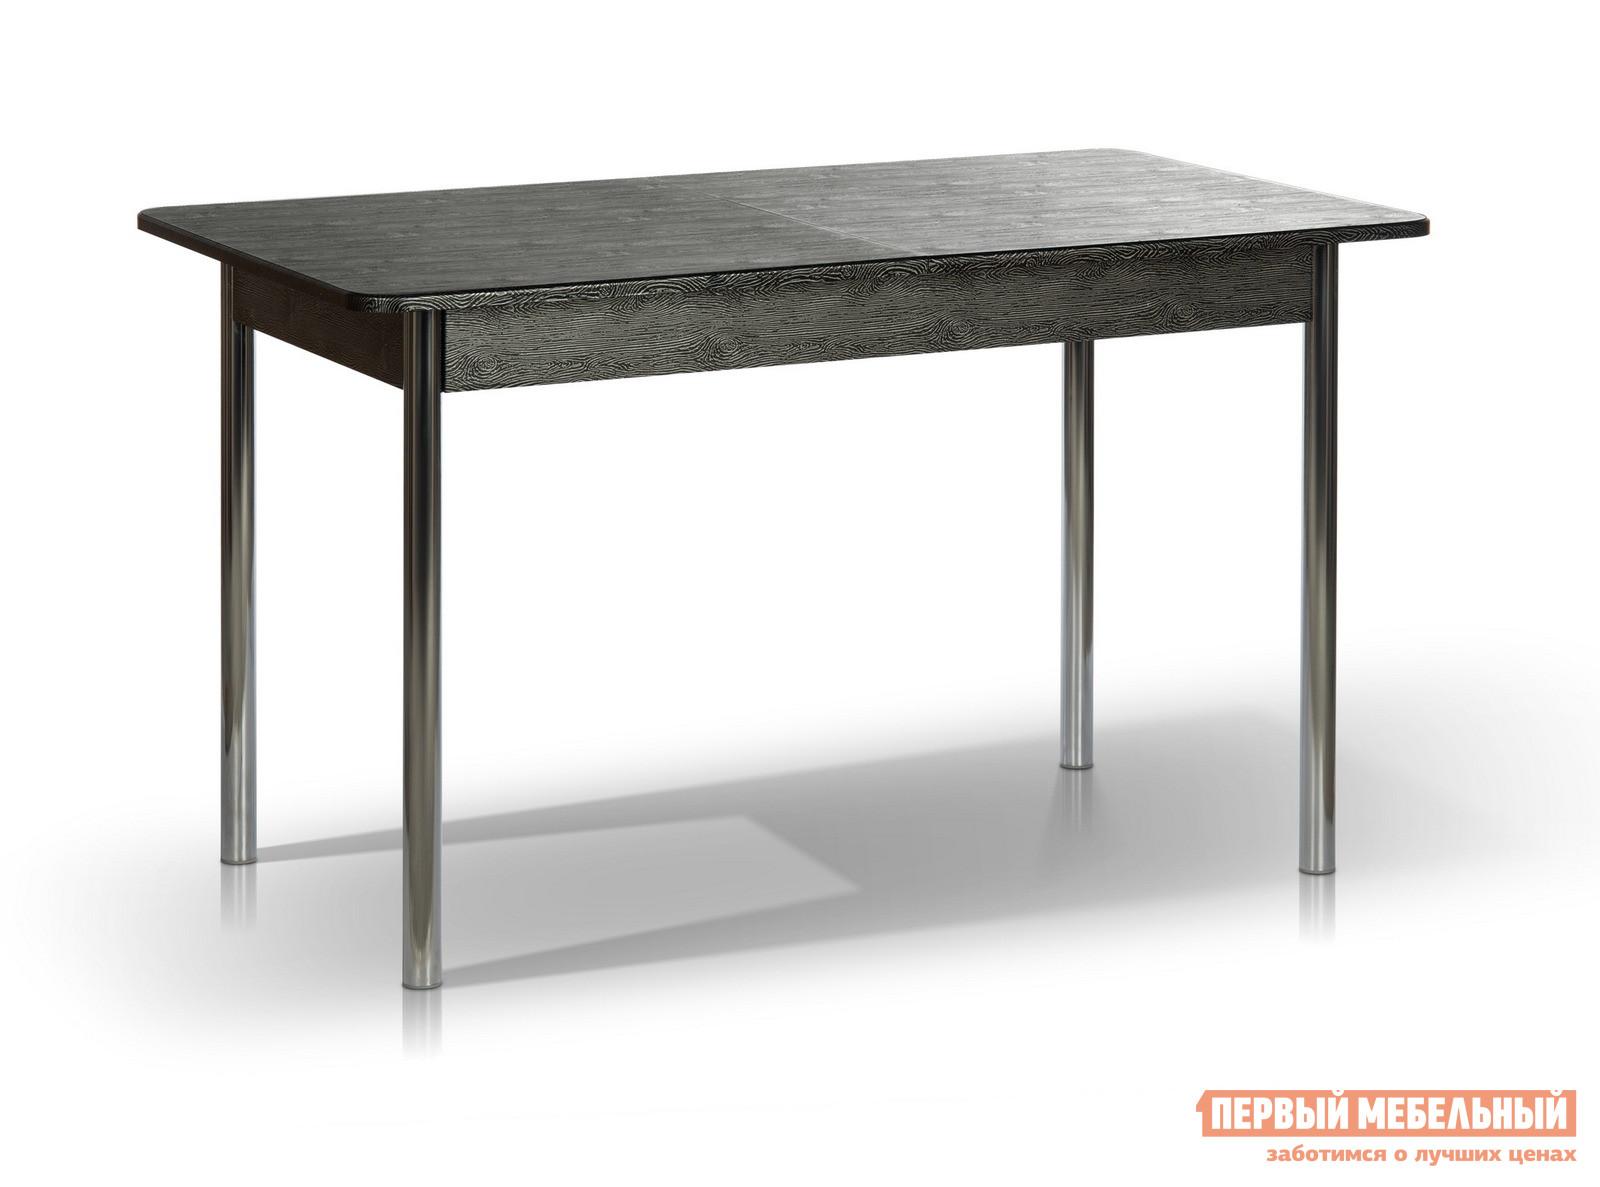 Кухонный стол МегаЭлатон Капри Дуб черный патина